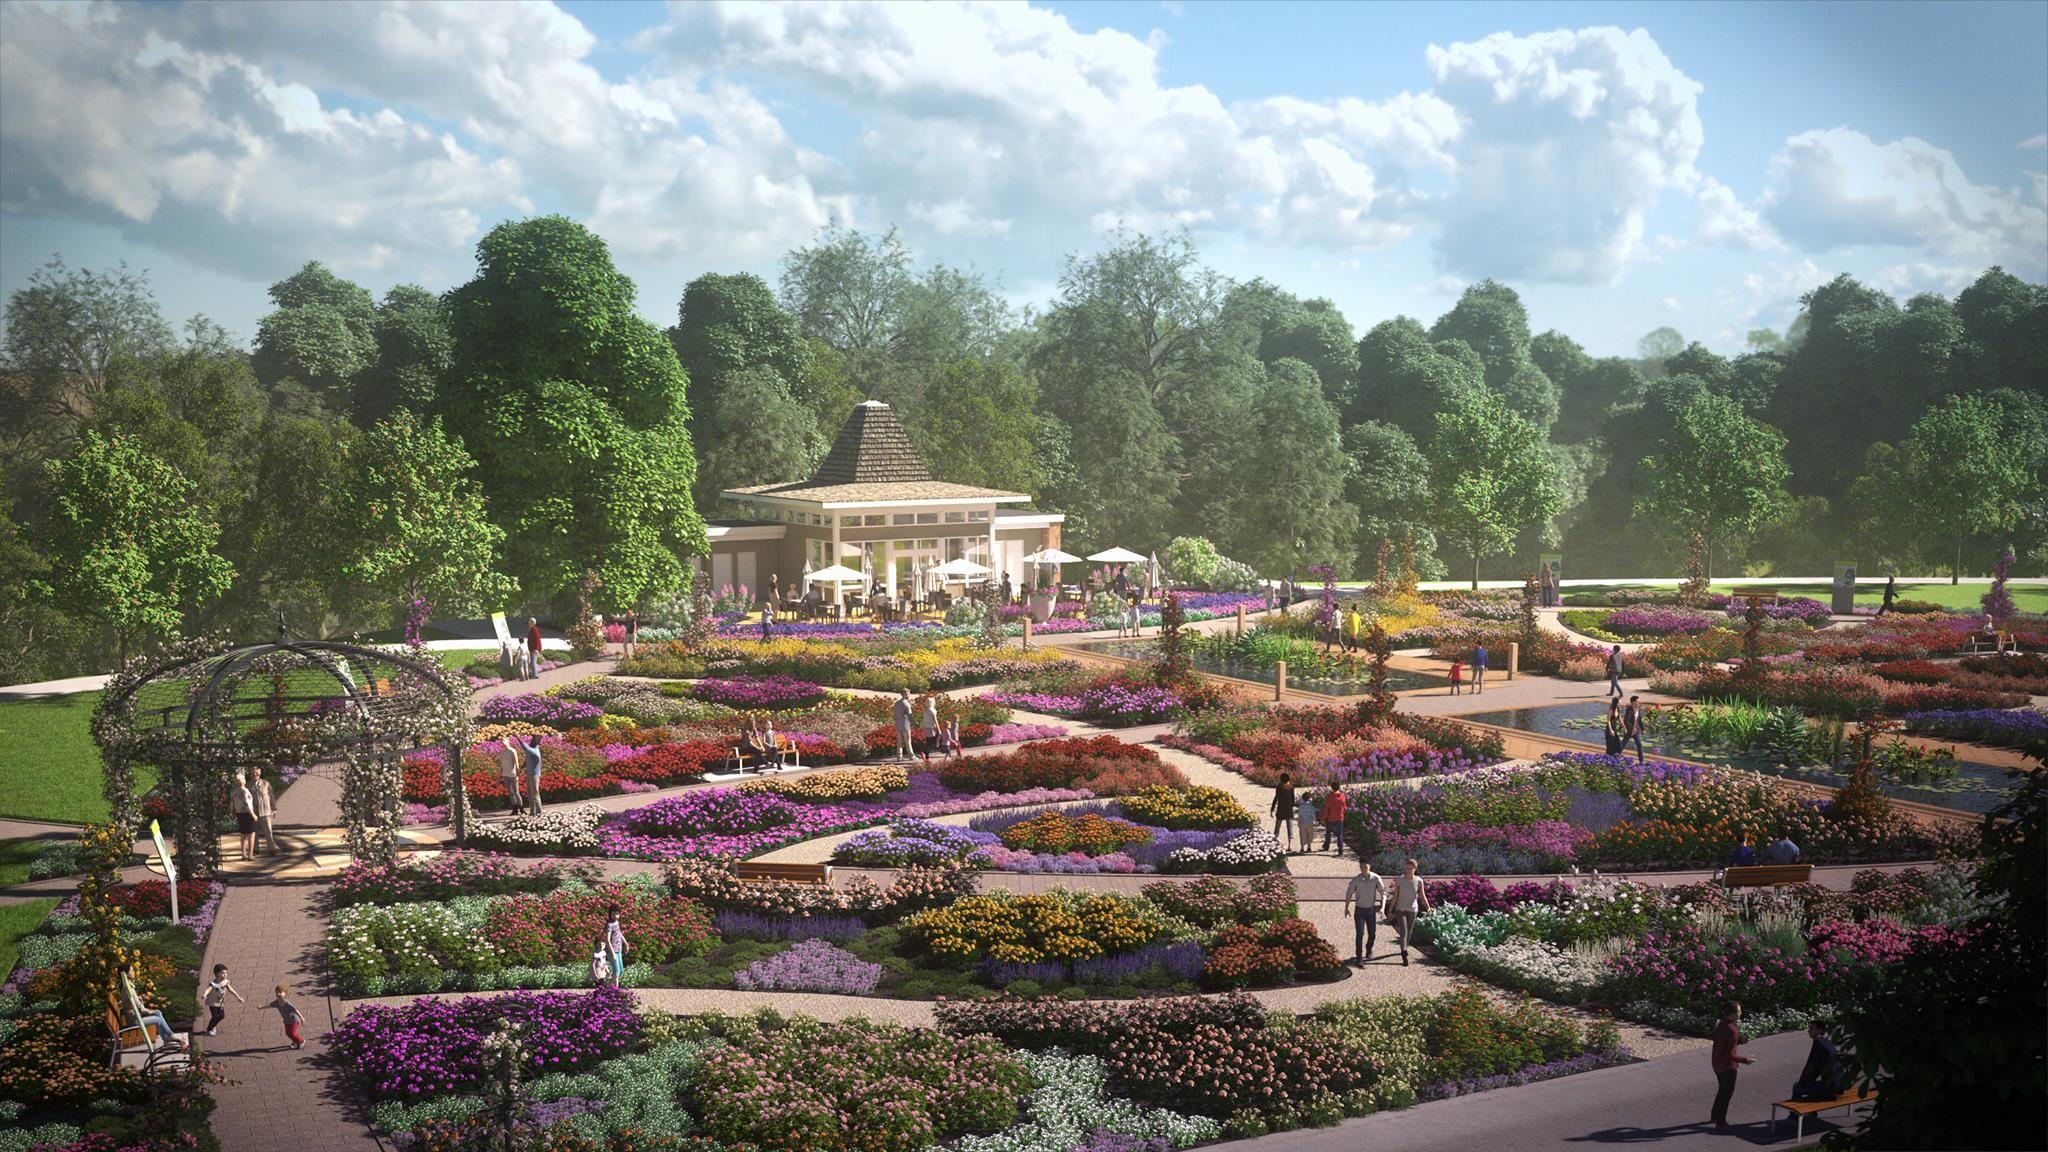 Rose Garden Opening Weekend Royal Botanical Gardens Hamilton From 23 To 24 June Botanical Gardens Garden Planning Rose